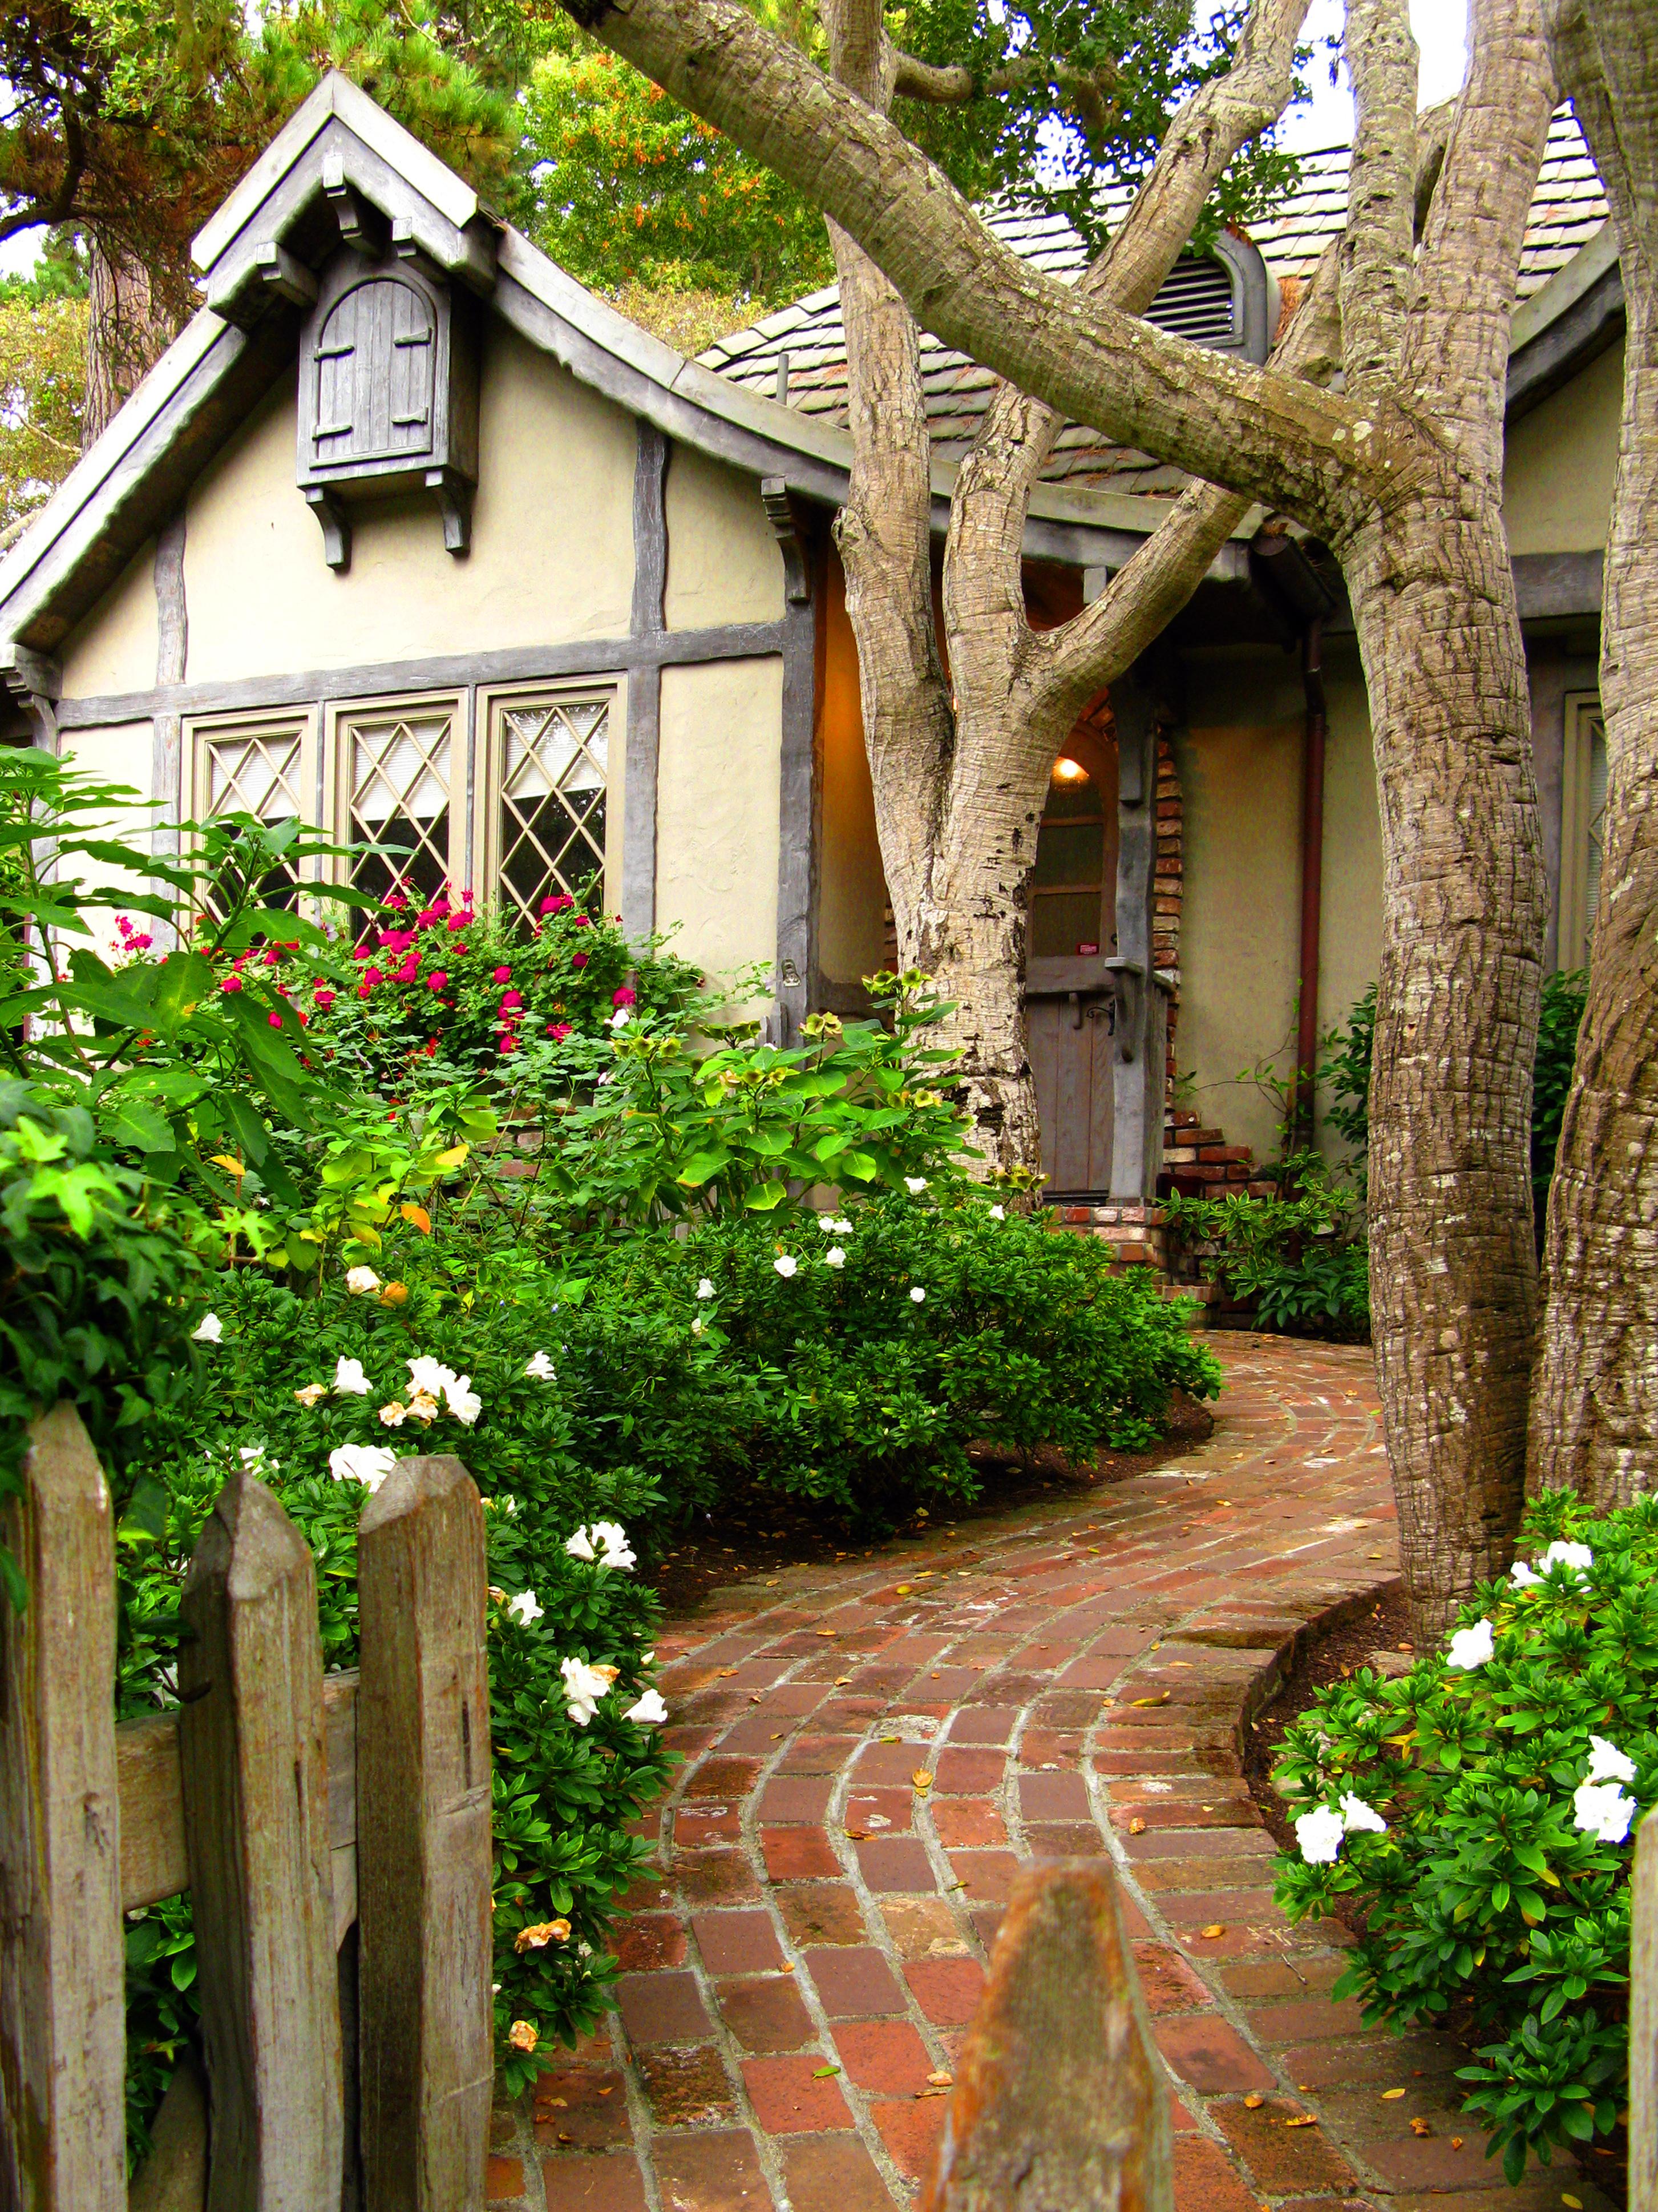 Tudor Style Homes Home Exterior Design Ideas French